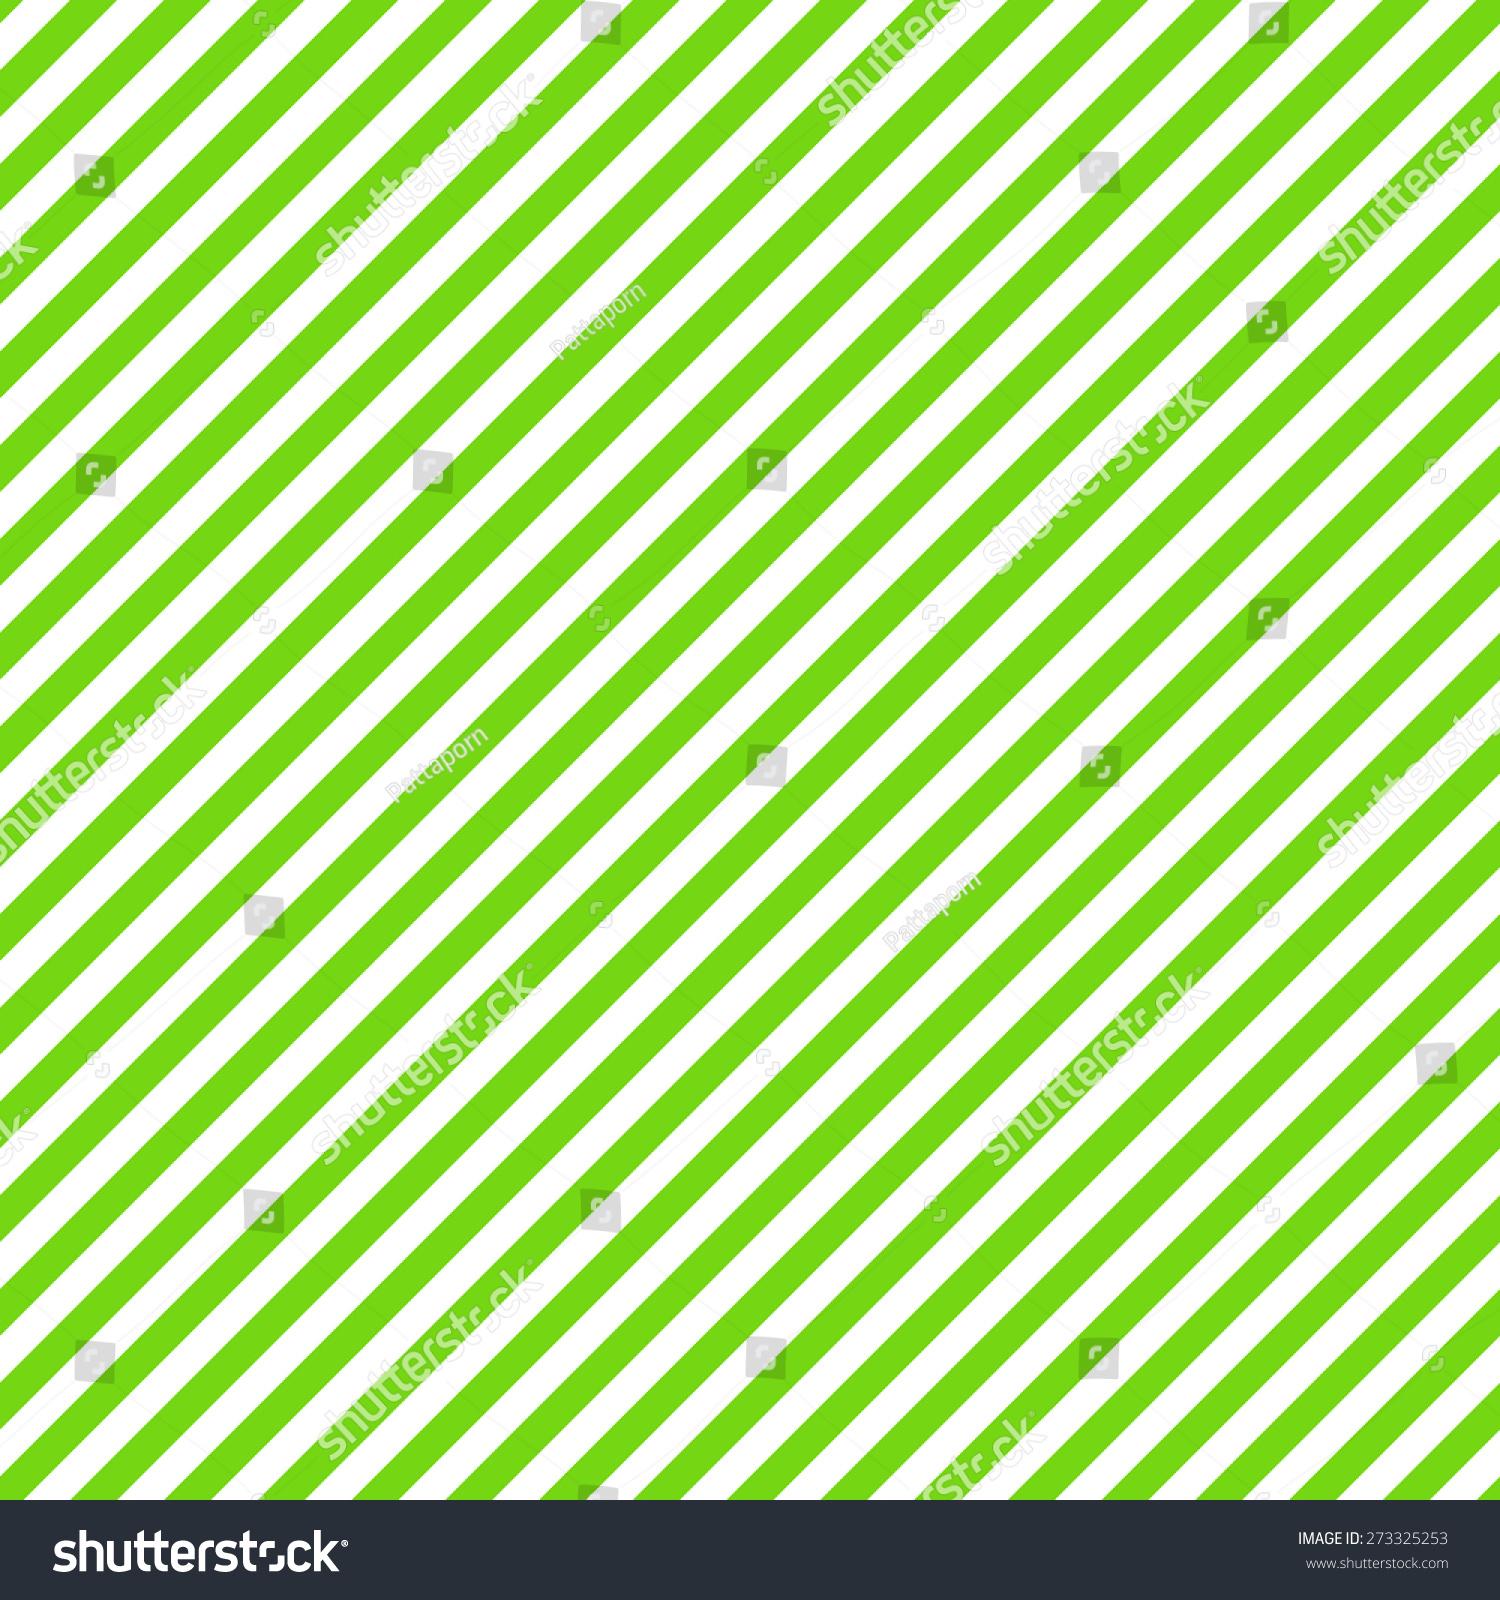 绿色和白色斜条纹图案背景,无缝纹理